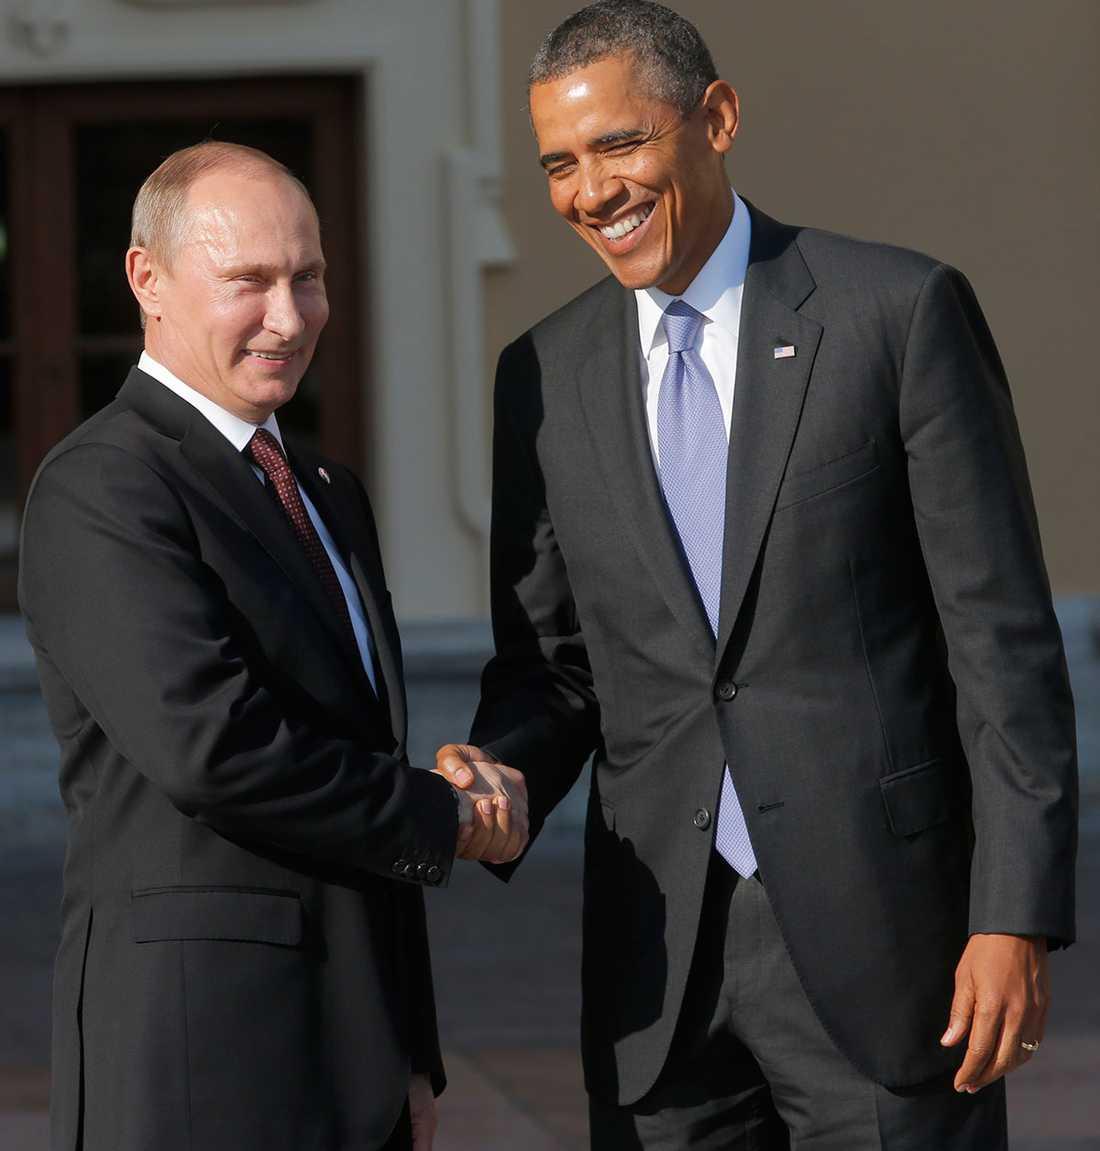 Valdimir Putin och Barack Obama har sandlådekrig.